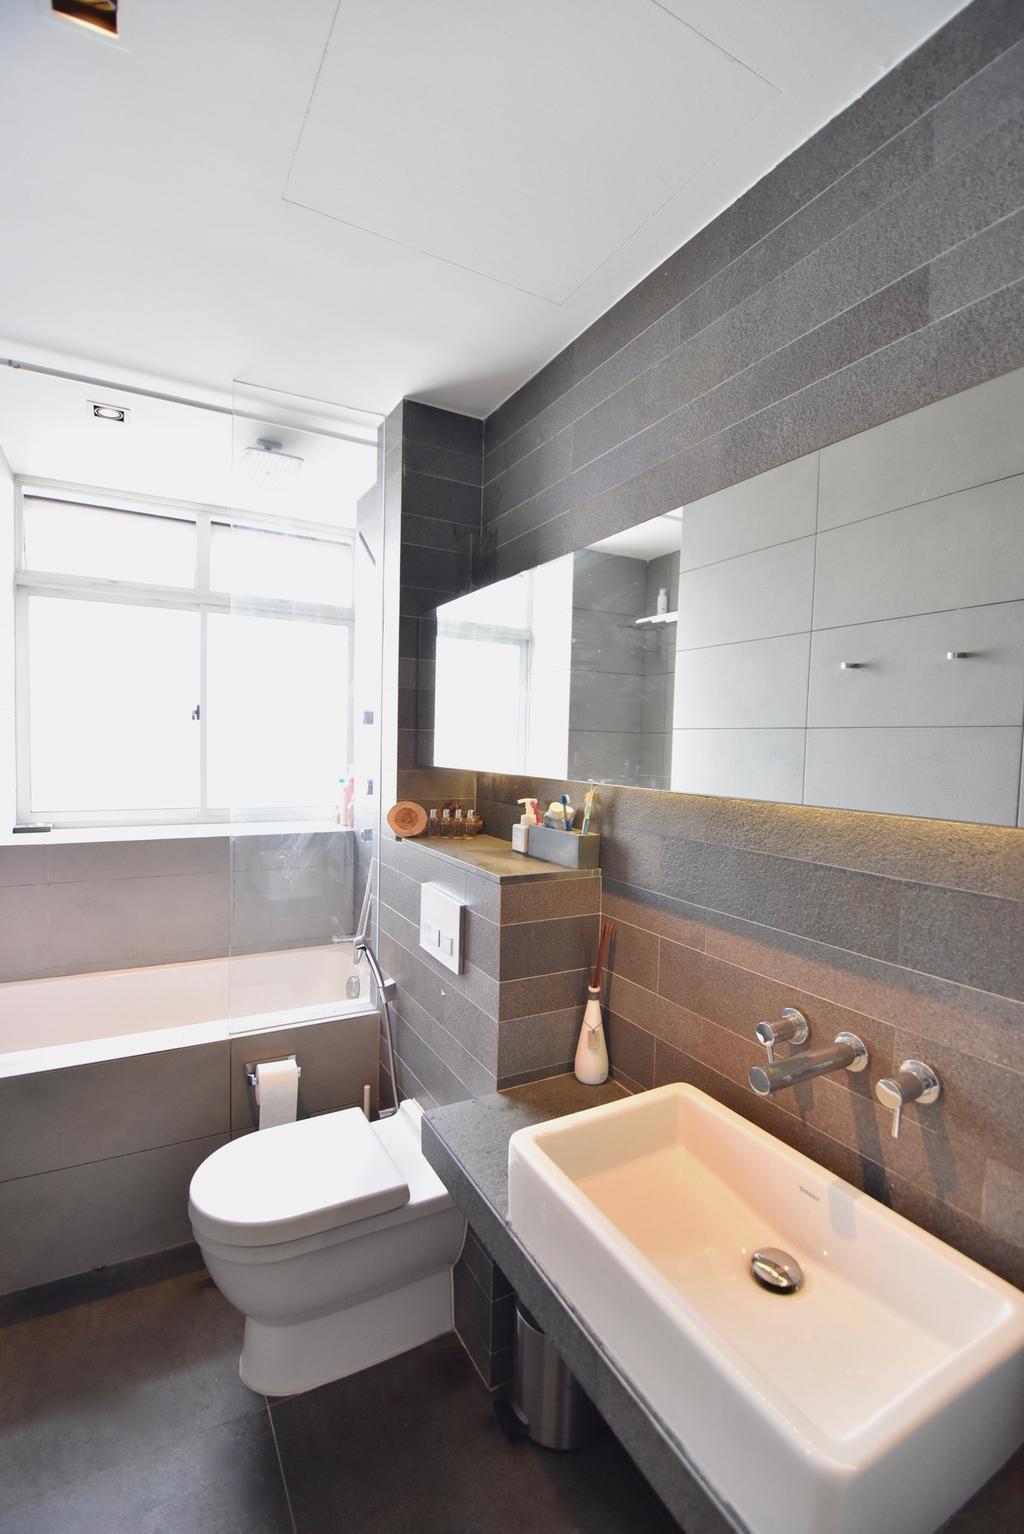 Scandinavian, Condo, Bathroom, Casablanca, Interior Designer, Van Hus Interior Design, Ceramic Floor, Protruding Sink, Bath Tub, Modern Contemporary Bathroom